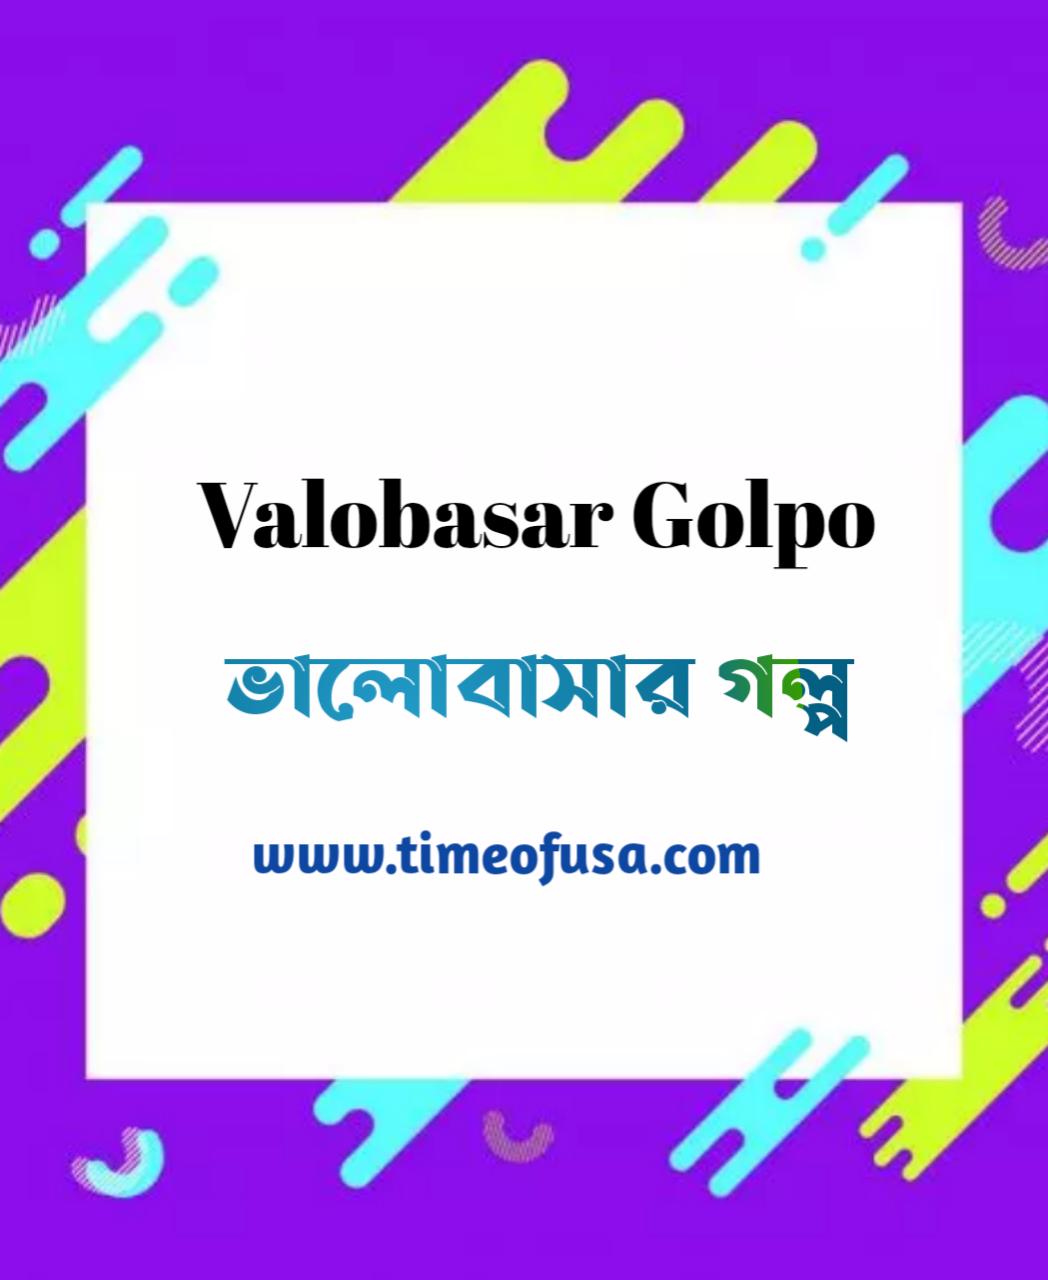 valobasar golpo, ভালোবাসার গল্প, bengali valobasar golpo, sad valobashar golpo, akta valobasar golpo, ekta valobashar golpo, romantic valobasar golpo, ekta bhalobasar golpo